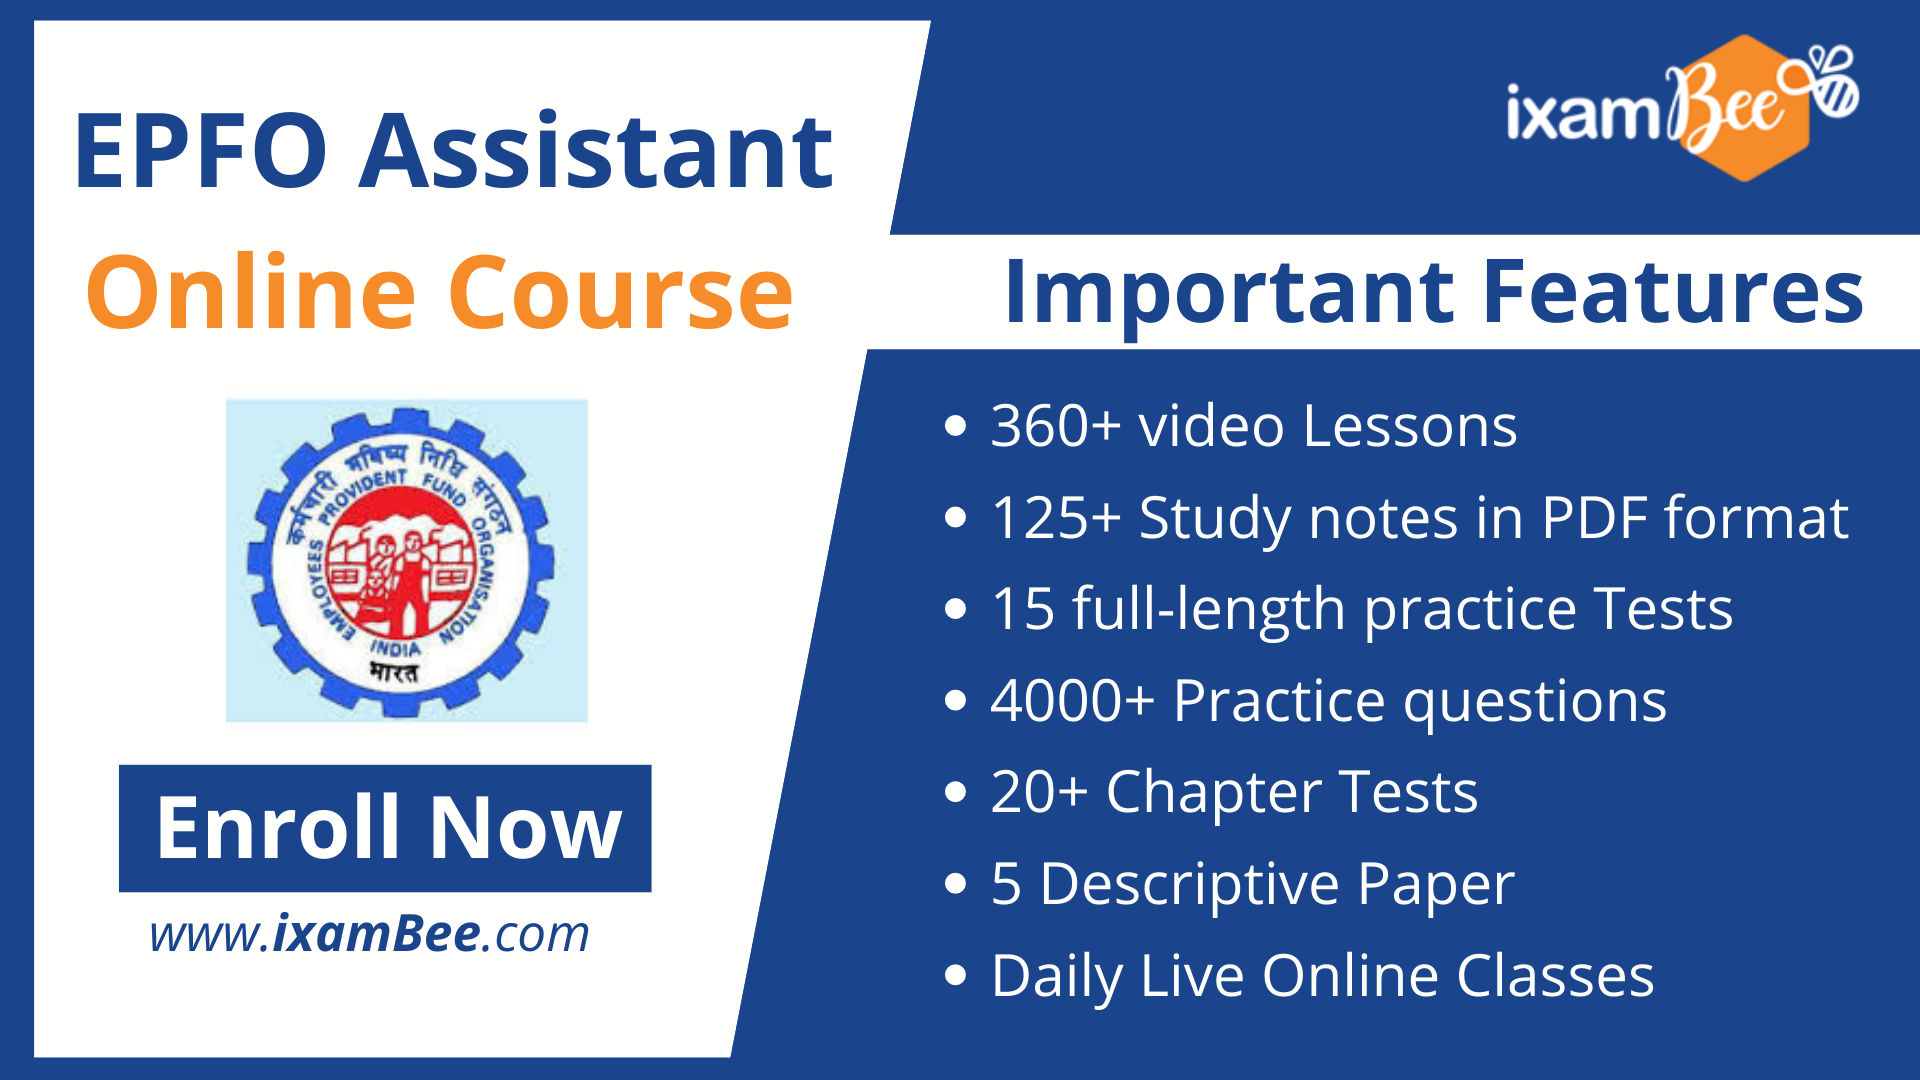 epfo assistant online course